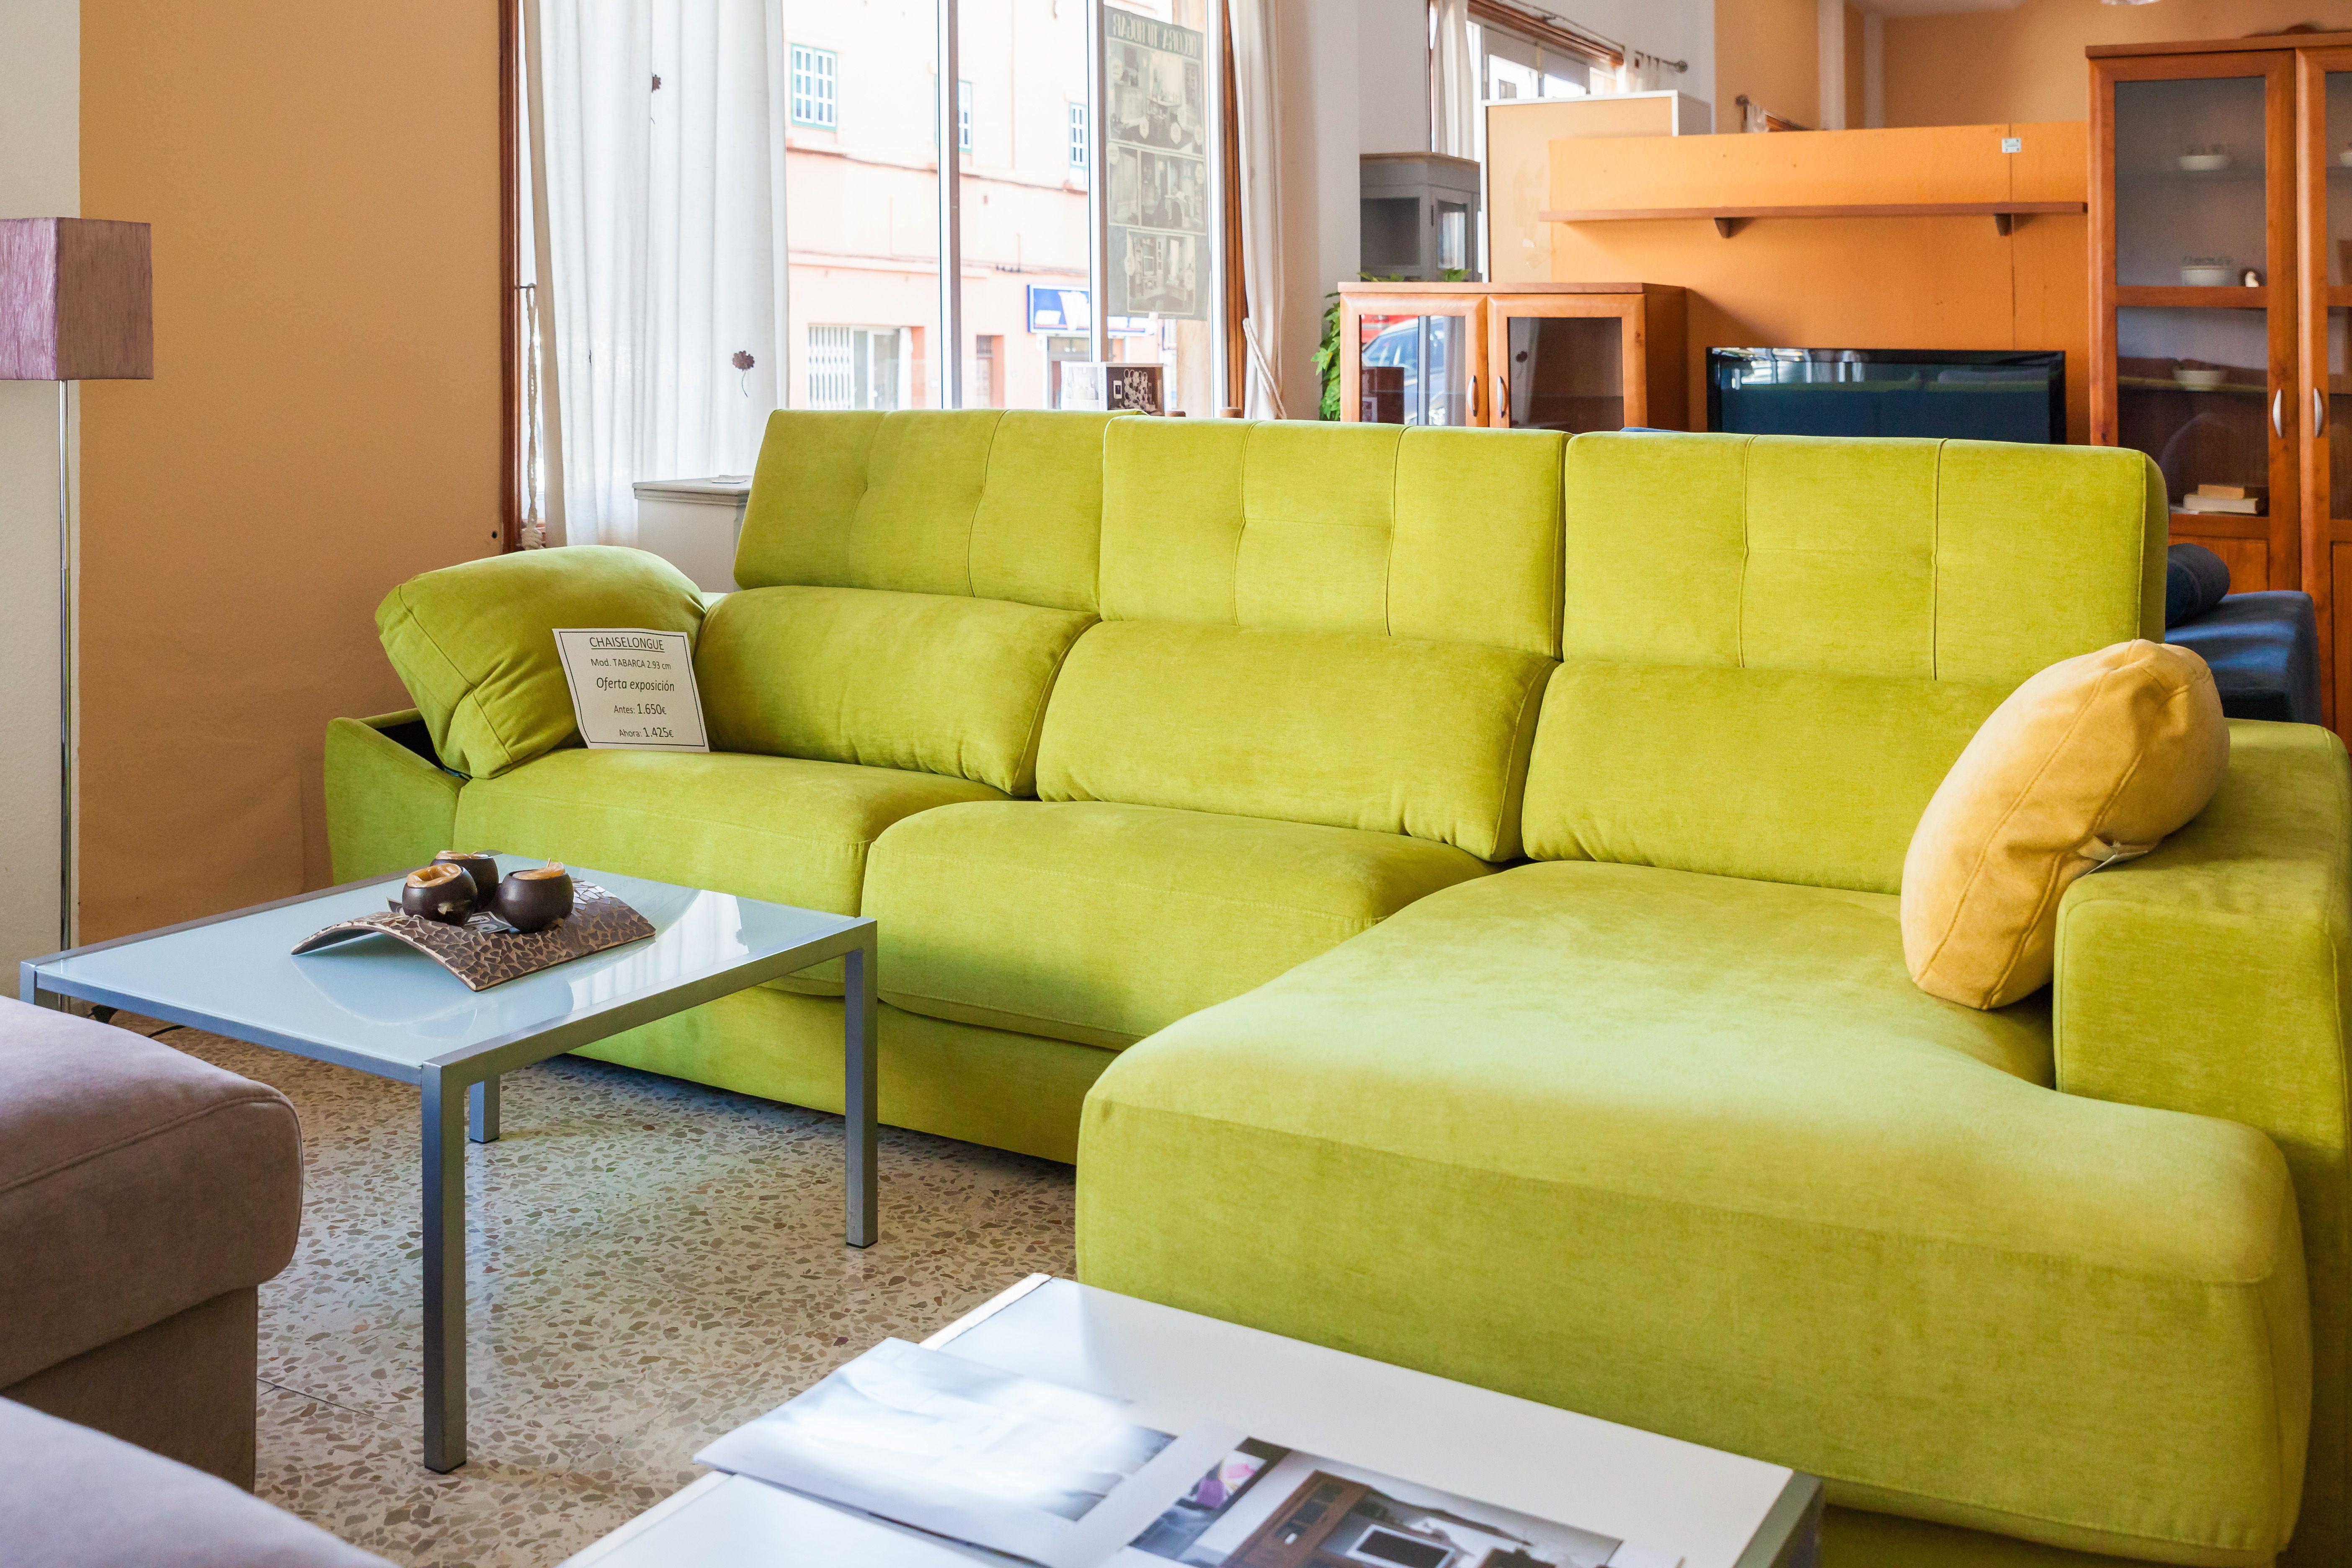 Más allá de los sofás y los colchones, en  Muebles Izquierdo vendemos todo tipo de muebles